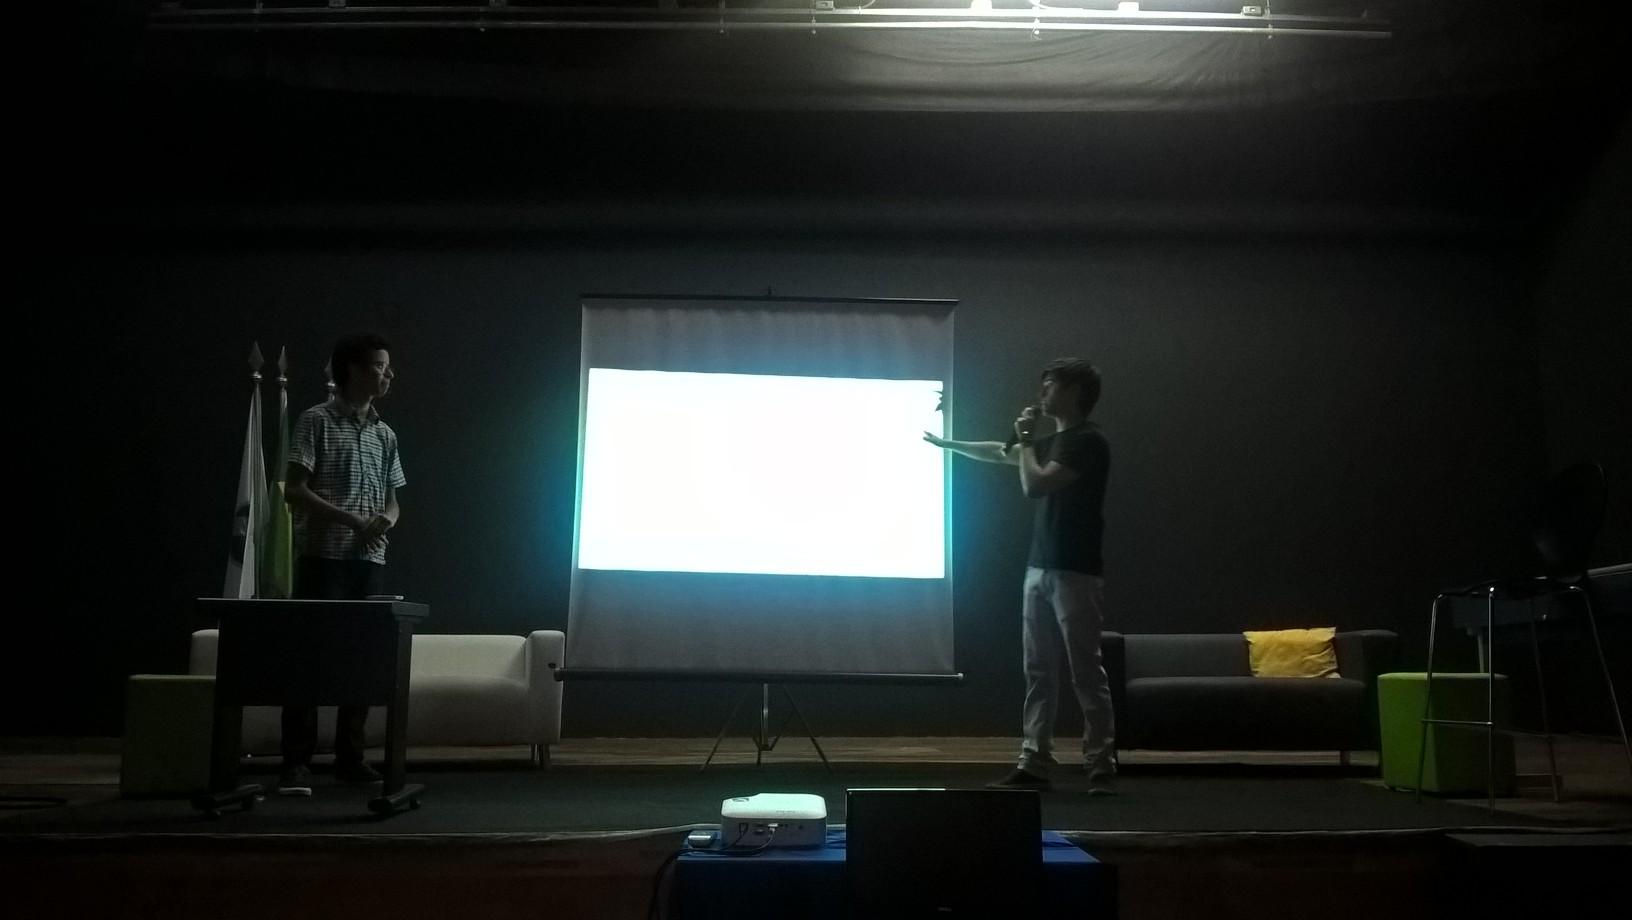 Projeto sobre banco de dados do ENEM foi apresentado pelos alunos do 1º semestre